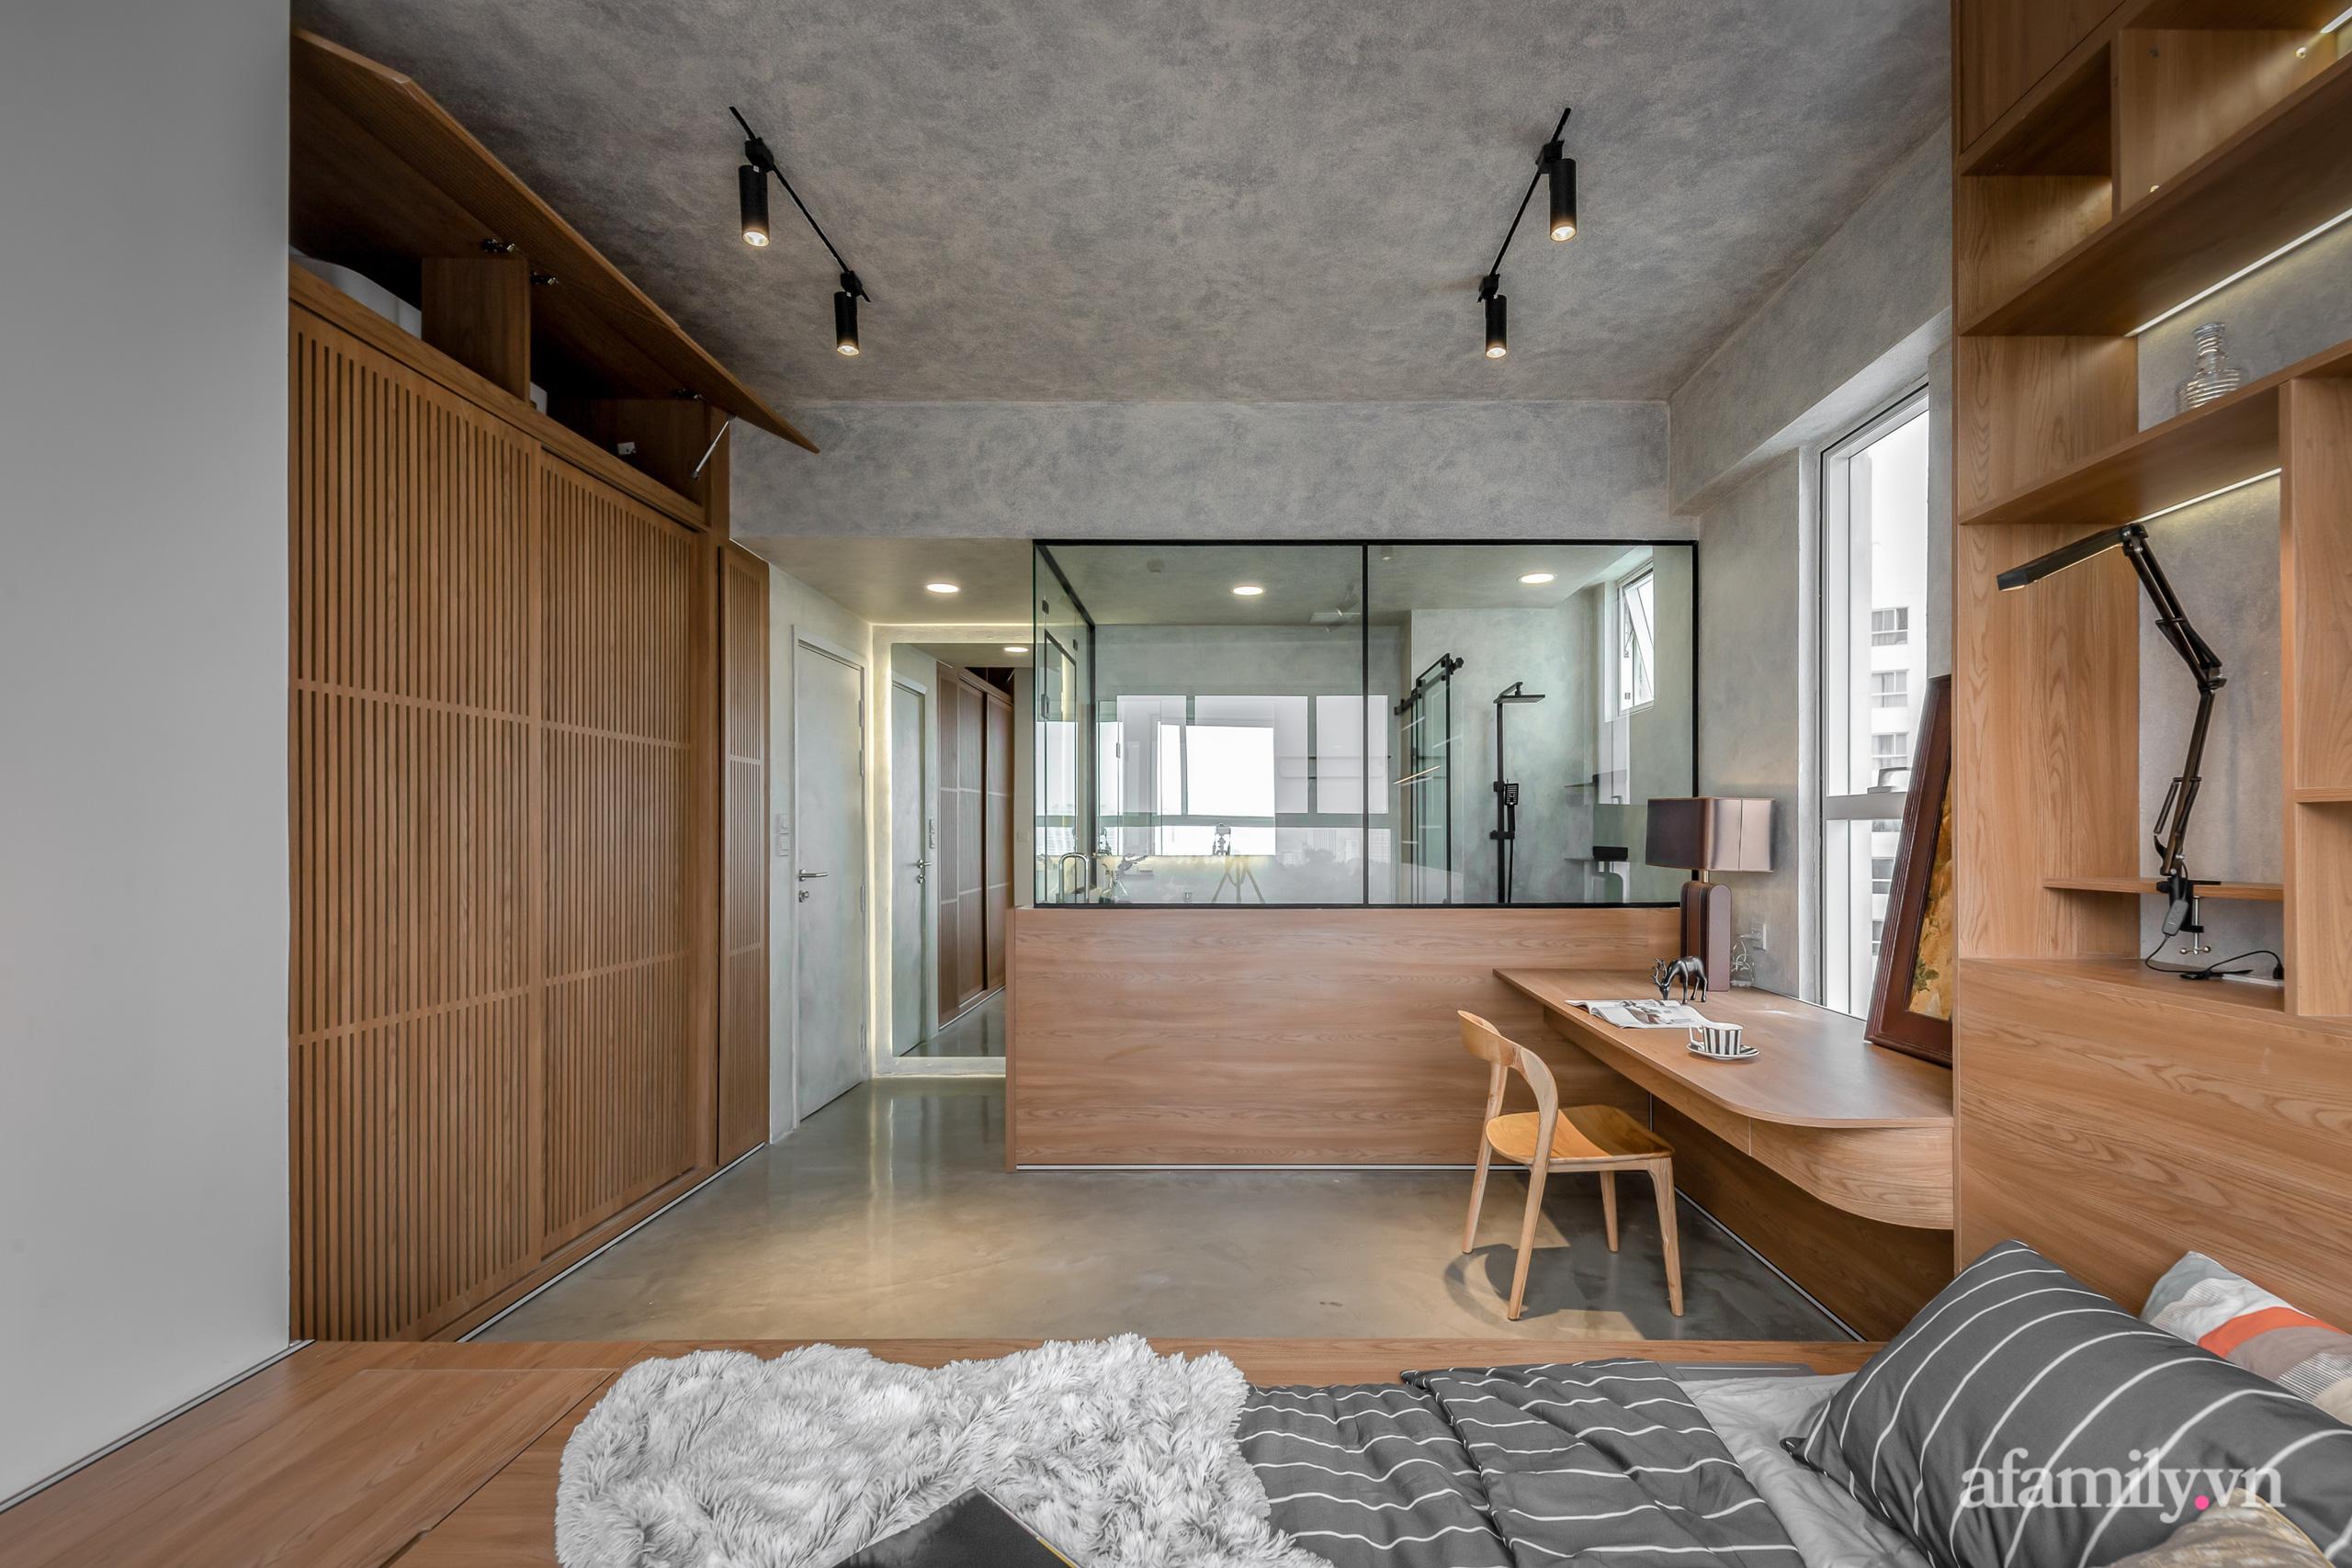 Căn hộ 106m² đẹp cá tính với hiệu ứng bê tông cùng phong cách tối giản có chi phí hoàn thiện 950 triệu đồng ở Sài Gòn - Ảnh 17.